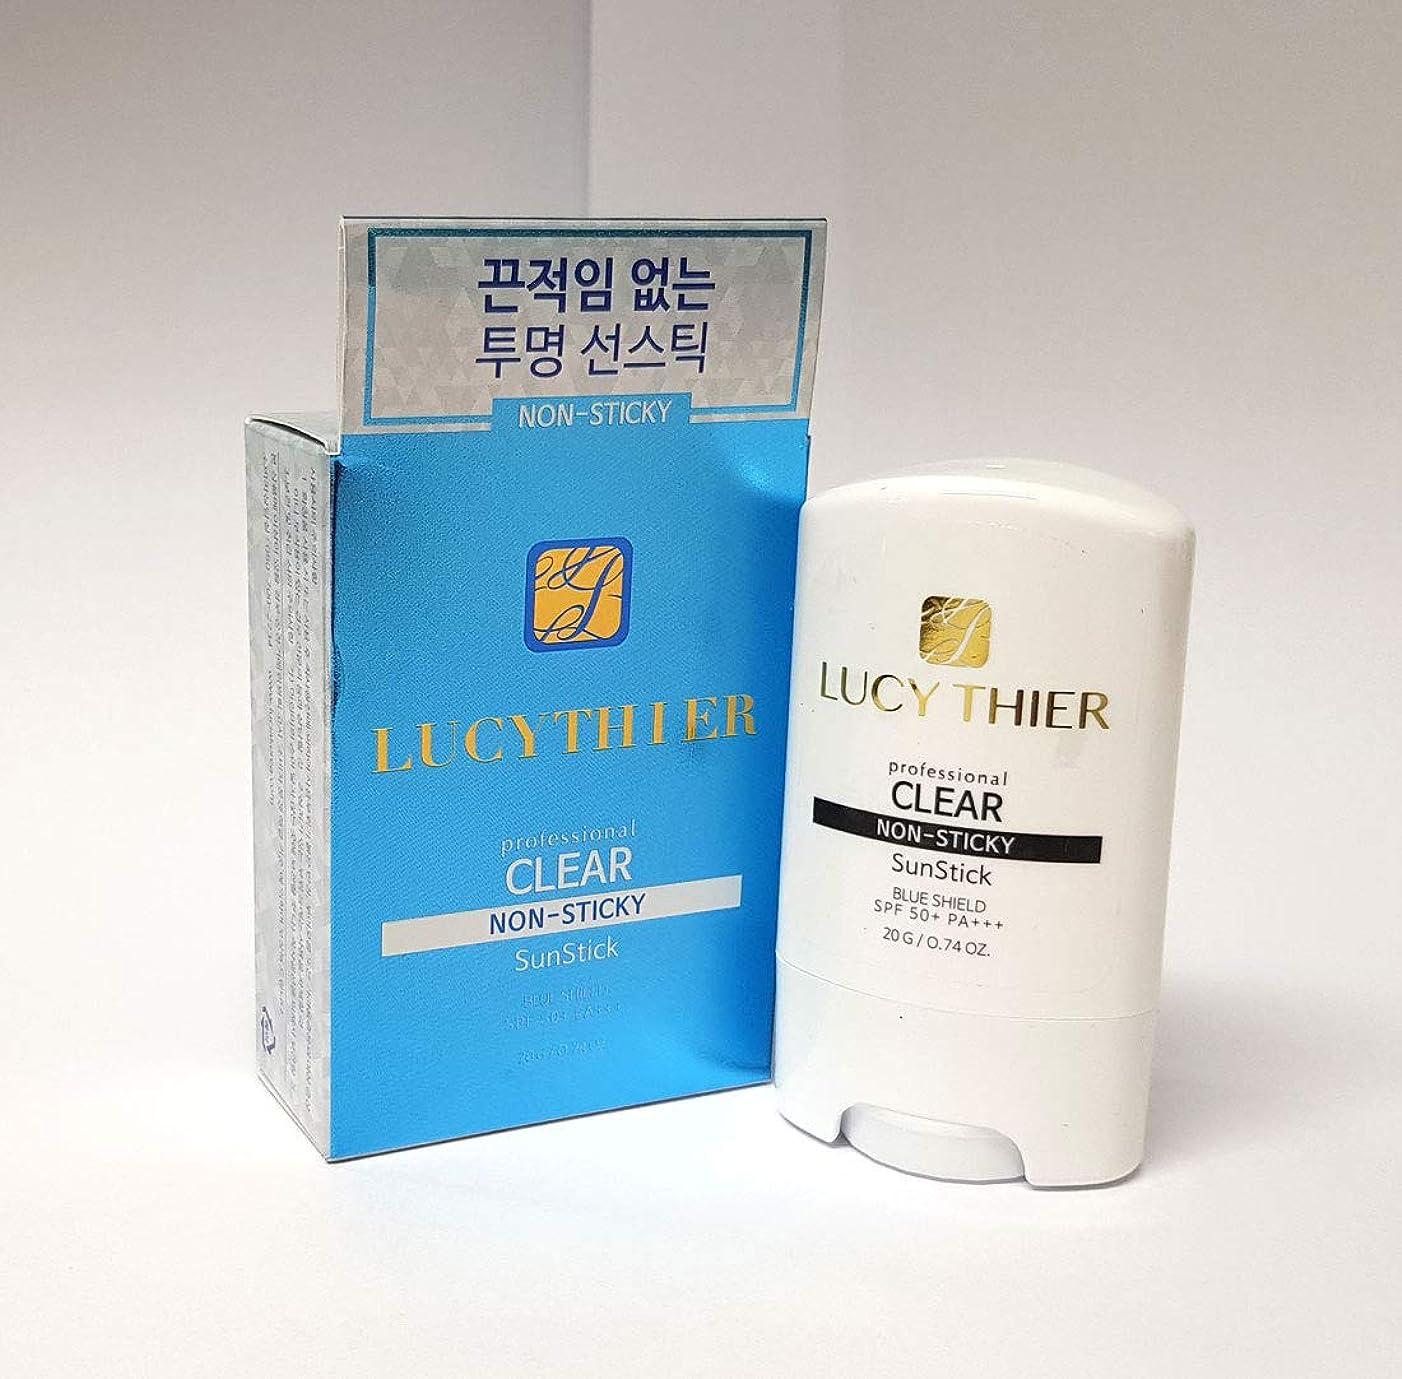 全国先入観マトリックス[LucyThier] プロクリアサンスティック20g / Professional clear sun stick 20g / NON STICKY/サンプロテクション/Sun Protection / SPF50+ PA+++ / 韓国化粧品/Korean Cosmetics [並行輸入品]